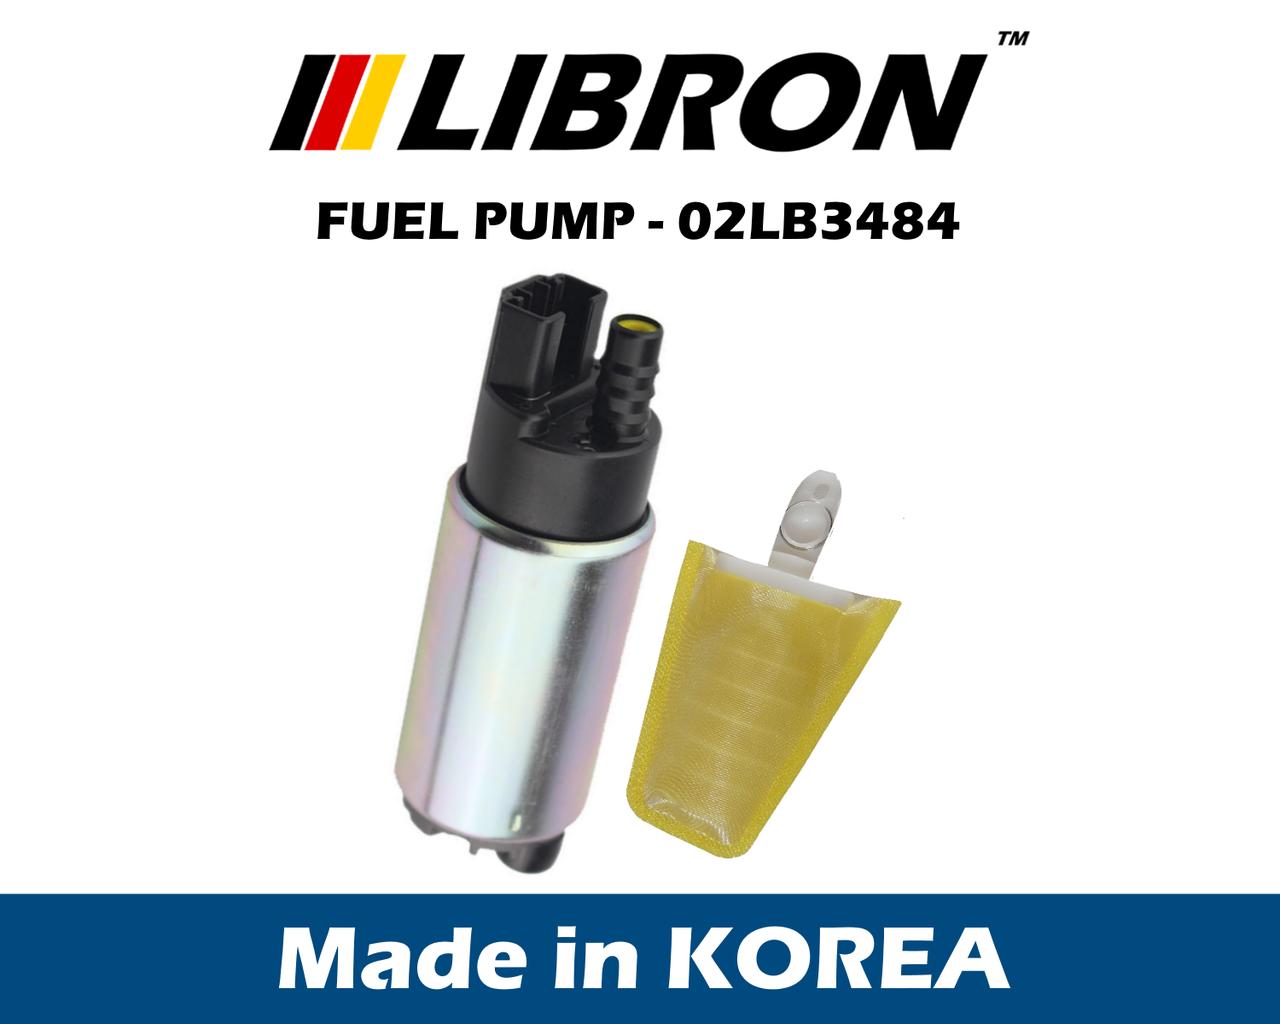 Топливный насос LIBRON 02LB3484 - Хонда Сивик Цивик V купе